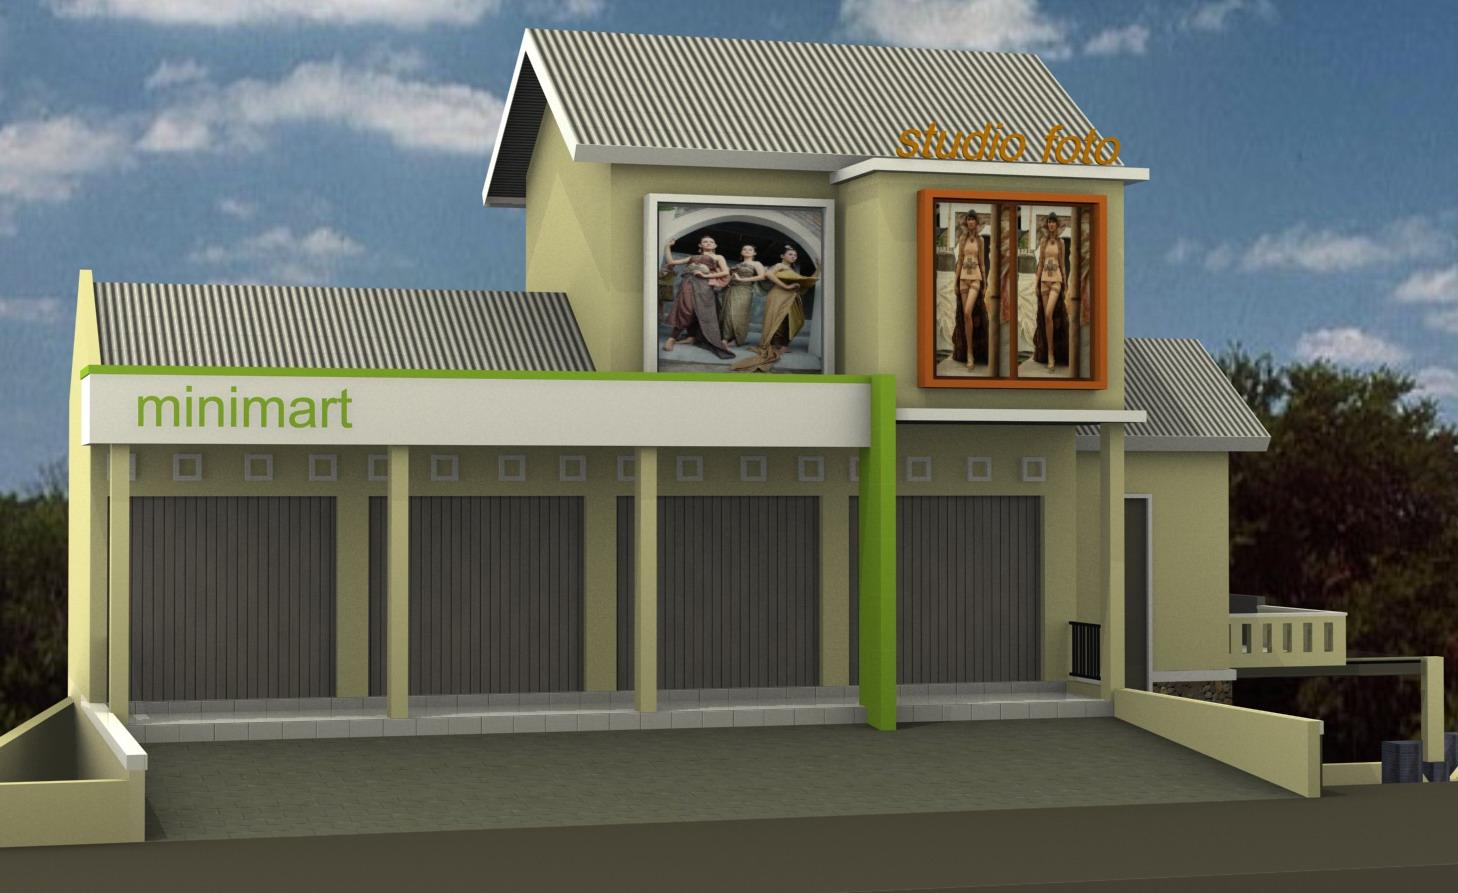 69 Desain Rumah Minimalis Dengan Warung  Desain Rumah Minimalis Terbaru